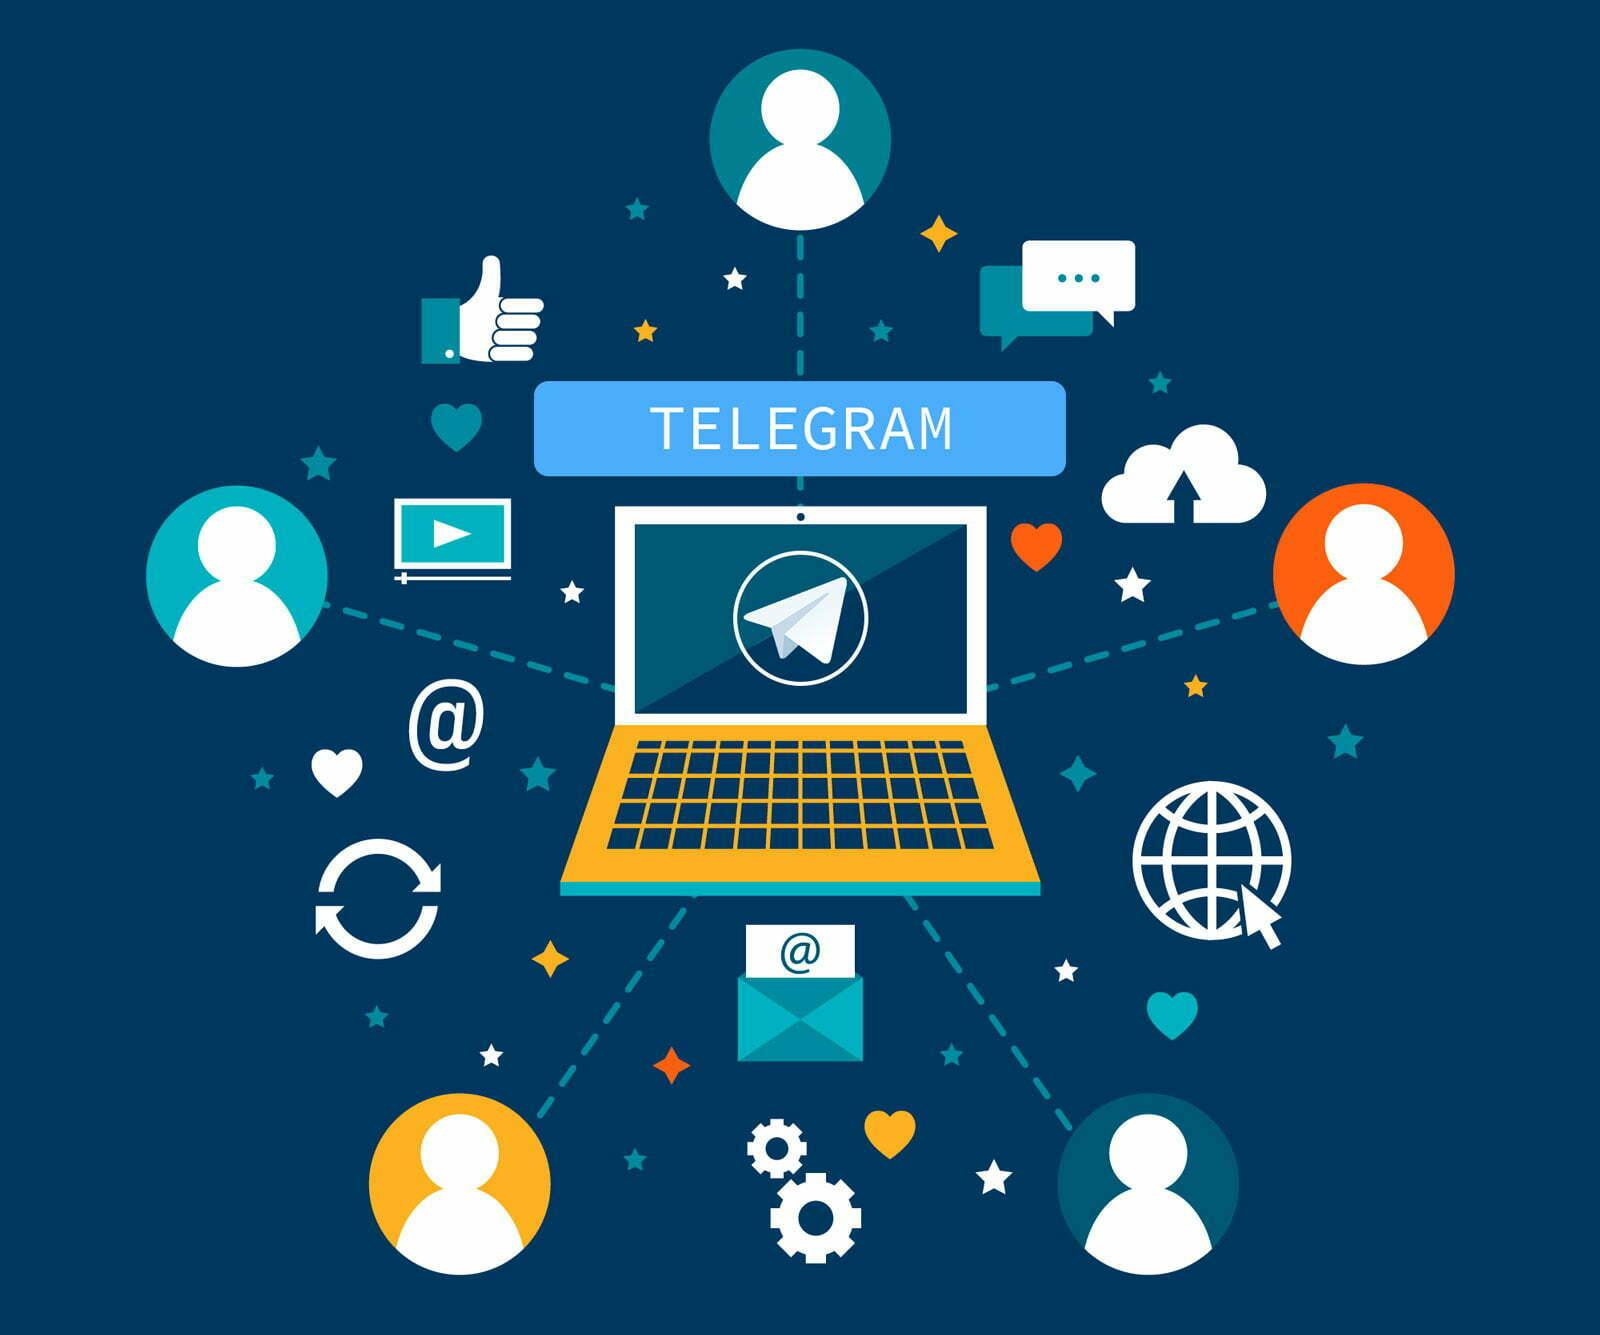 تبلیغات در کانال های تلگرامی